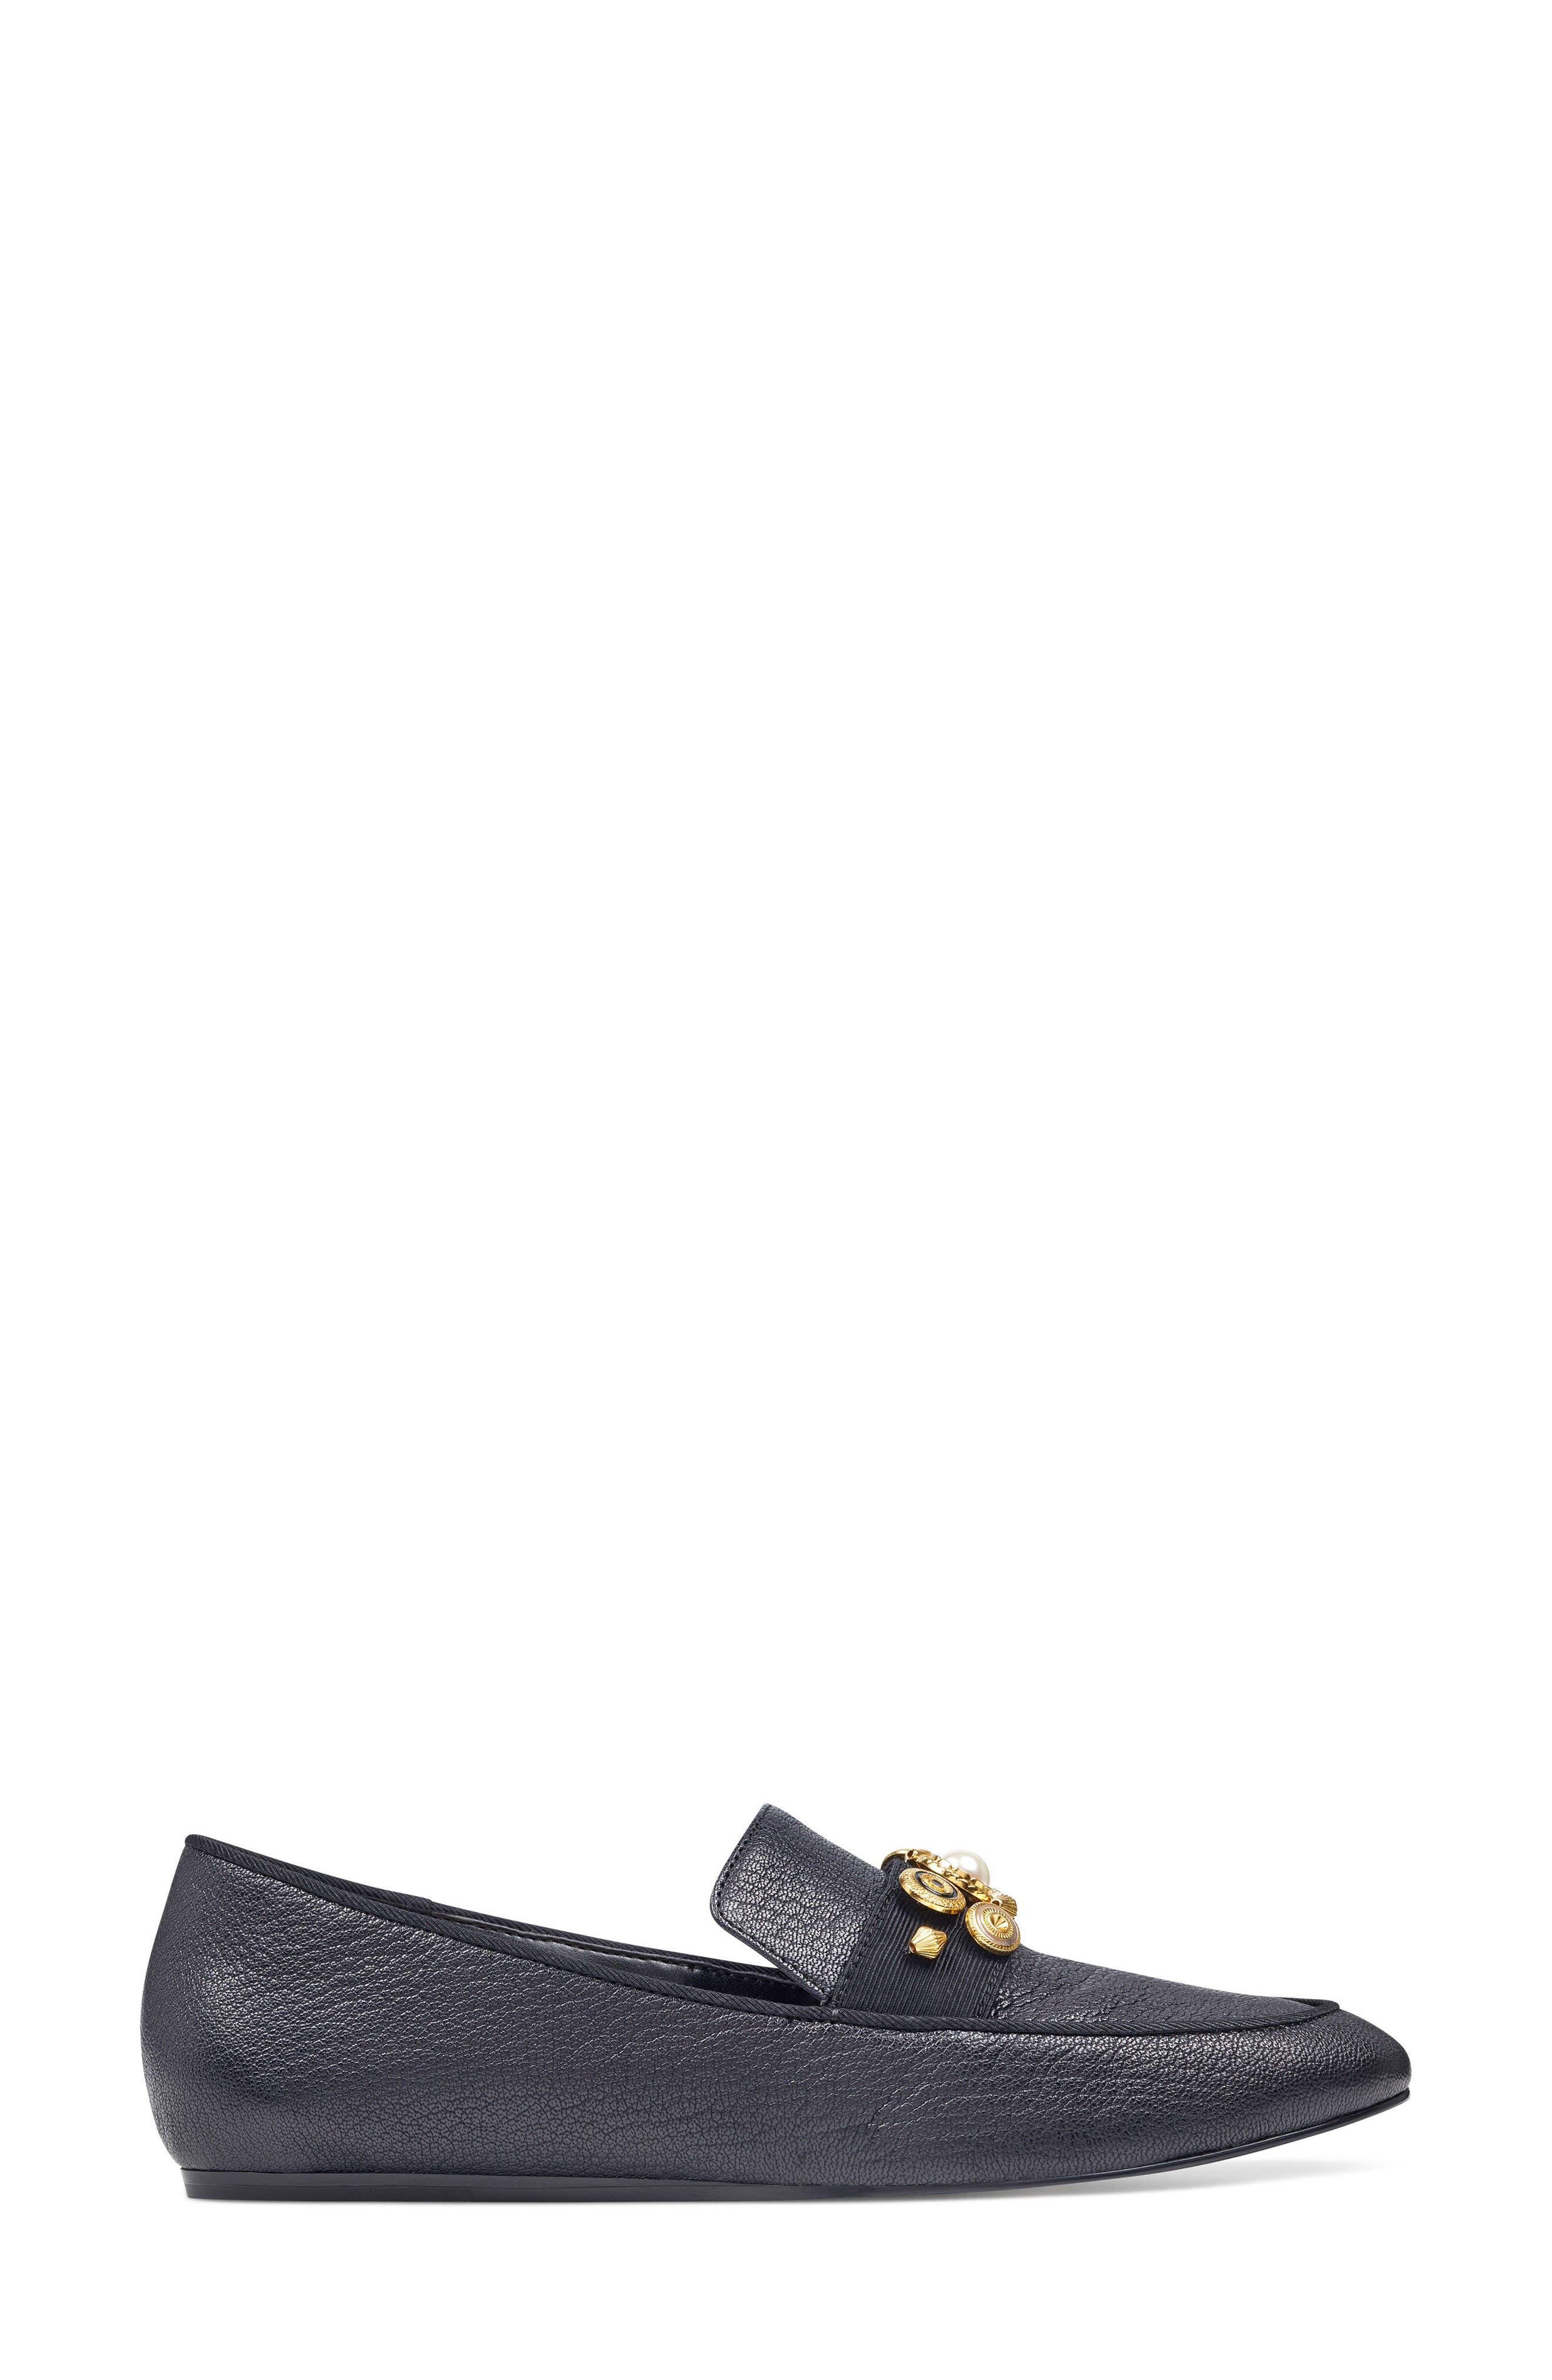 Baus Loafer Flat,                             Alternate thumbnail 3, color,                             Black/ Black Leather